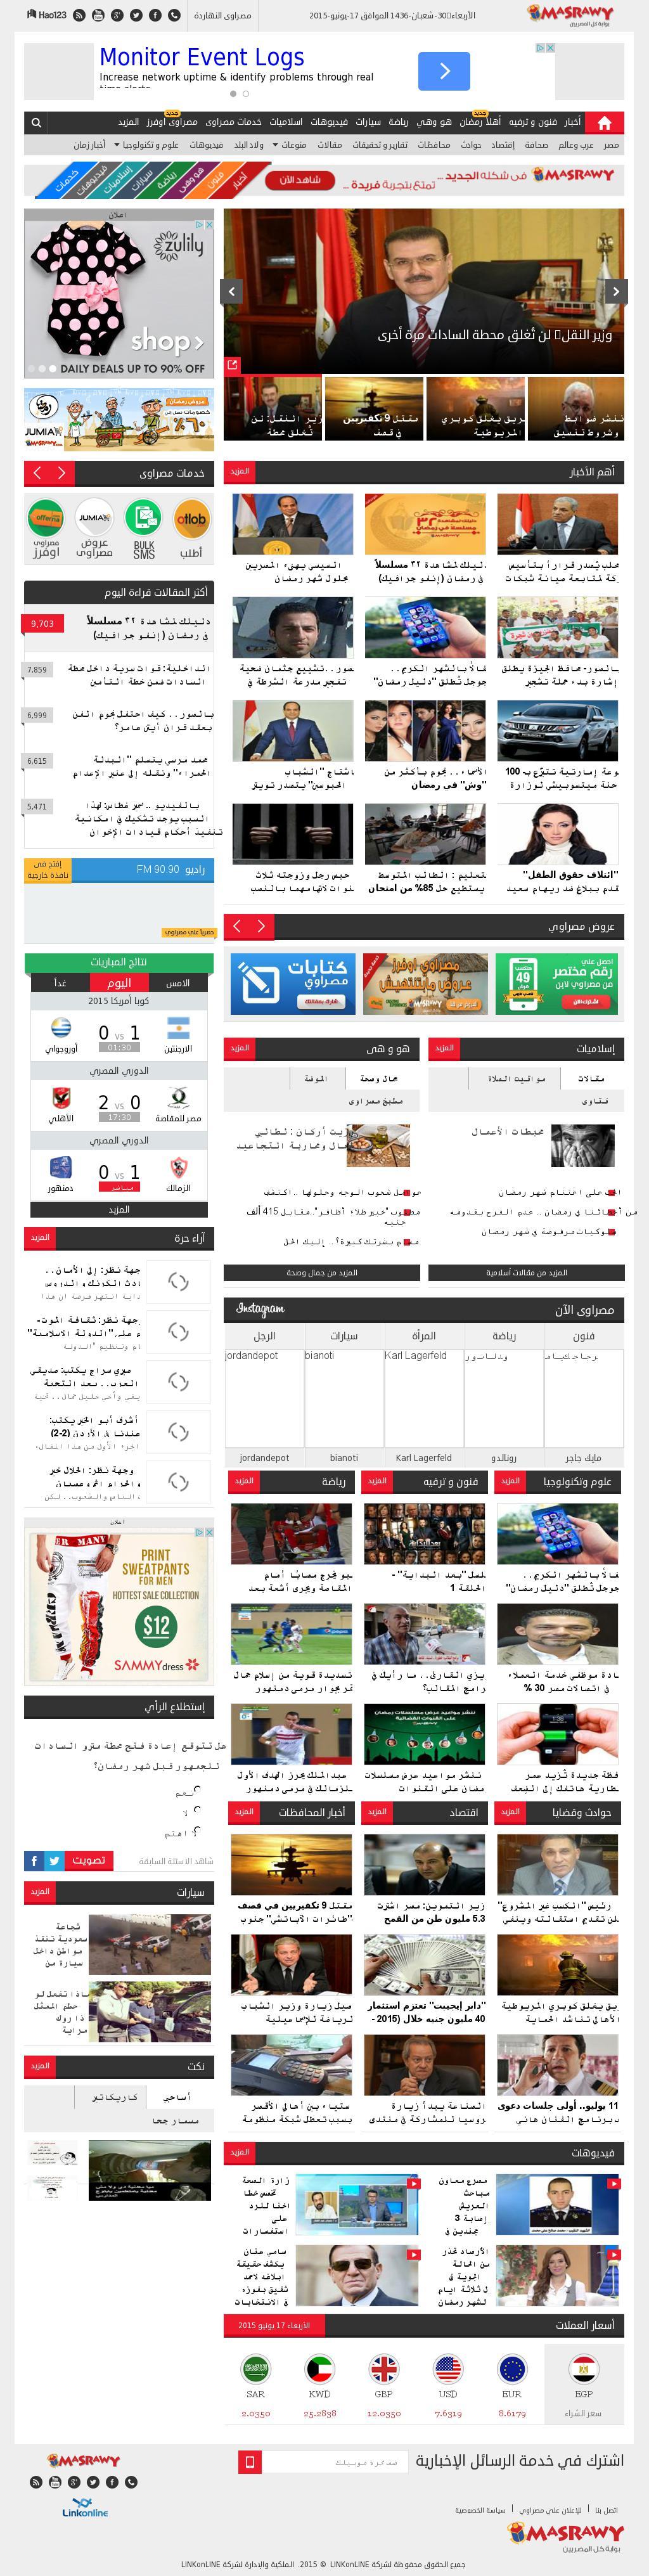 Masrawy at Wednesday June 17, 2015, 7:12 p.m. UTC